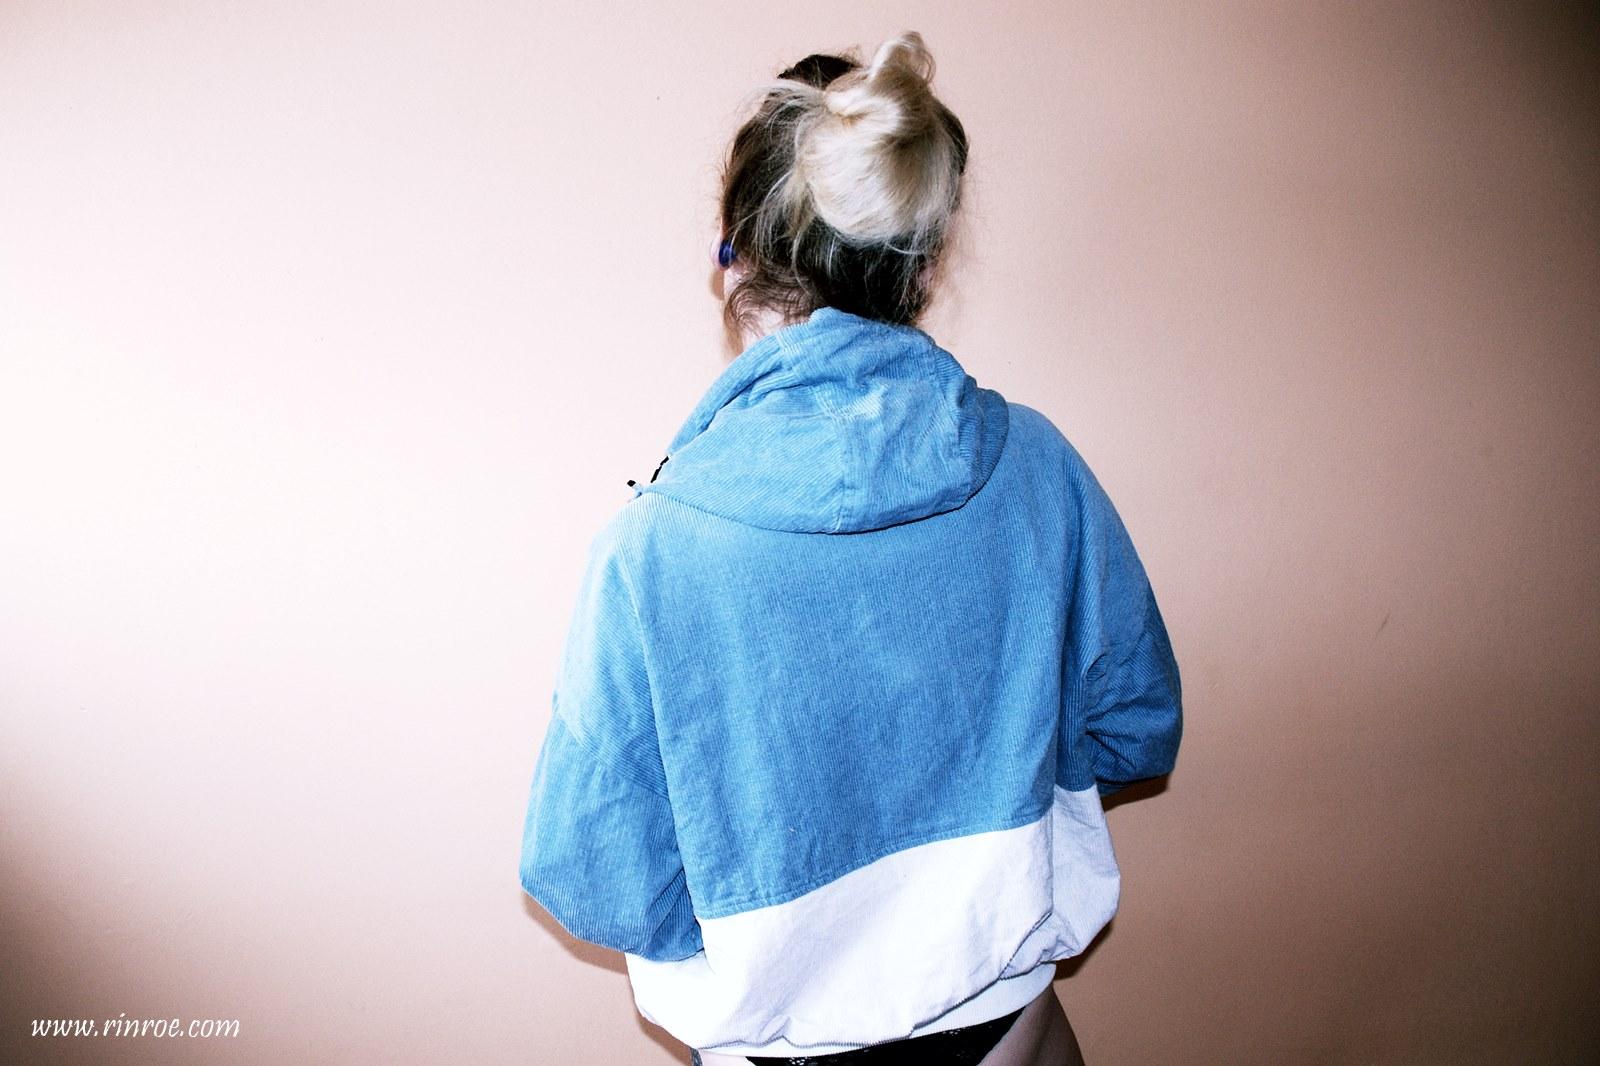 corduroy jacket Zaful wiosenna sztruksowa kurtka